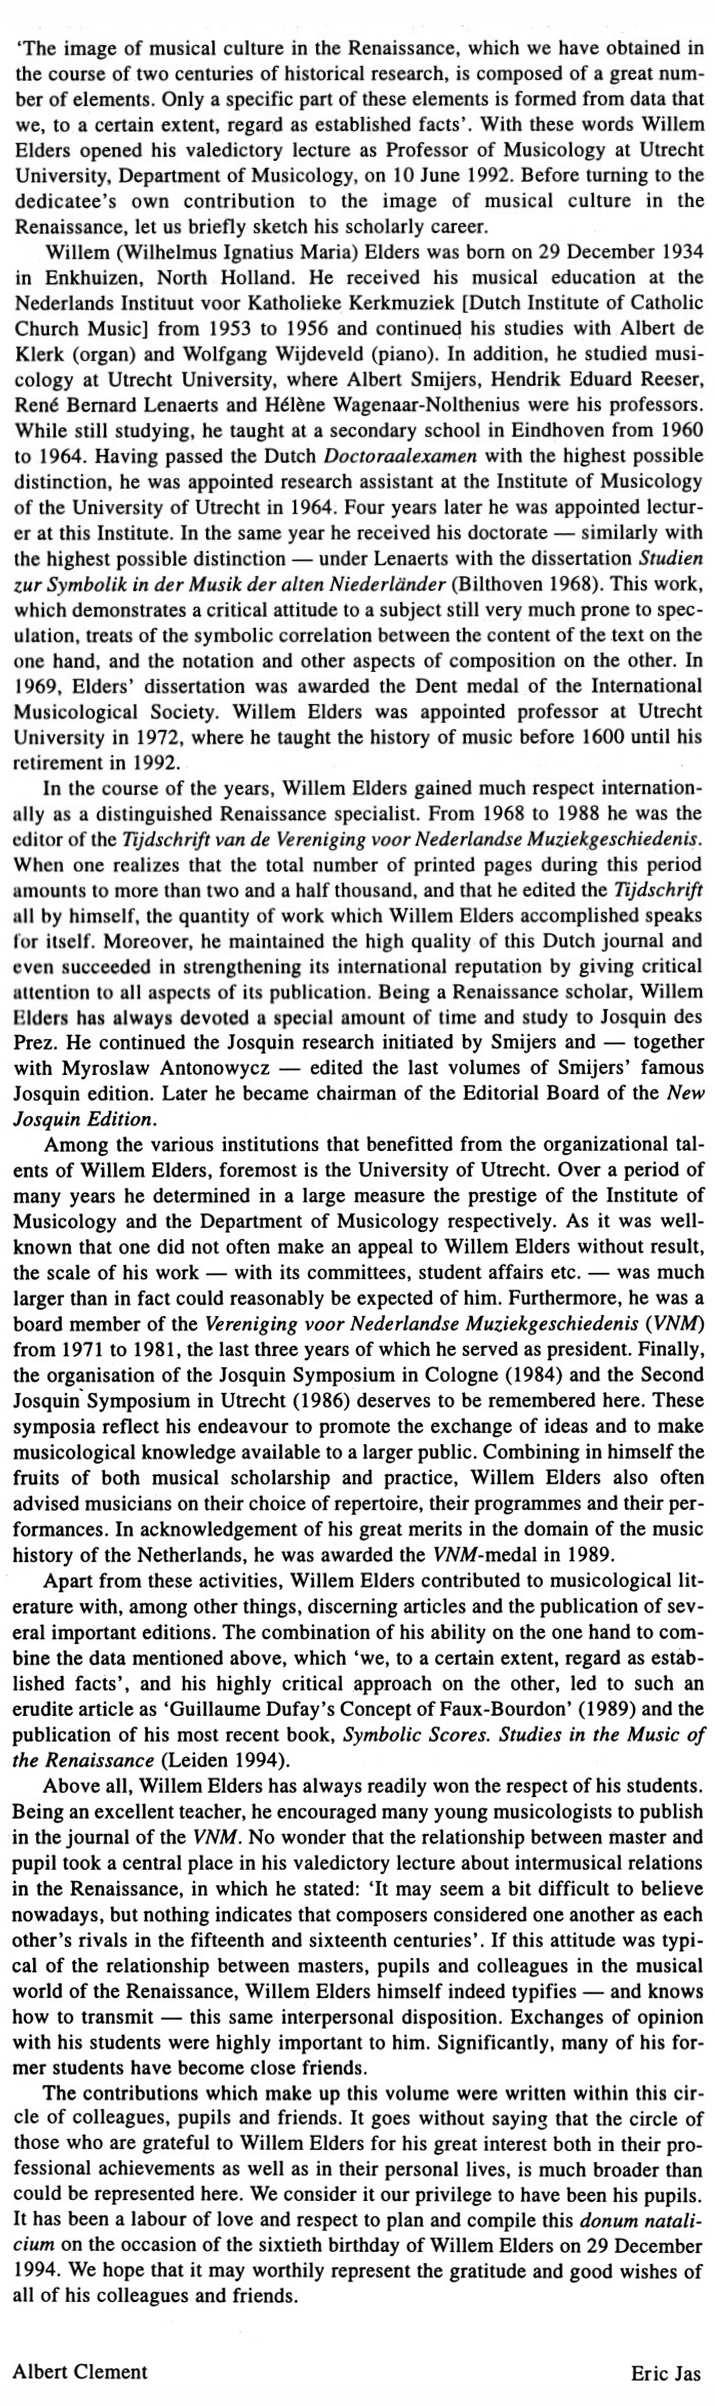 biography Willem Elders by Eric Jas en Albert Clement